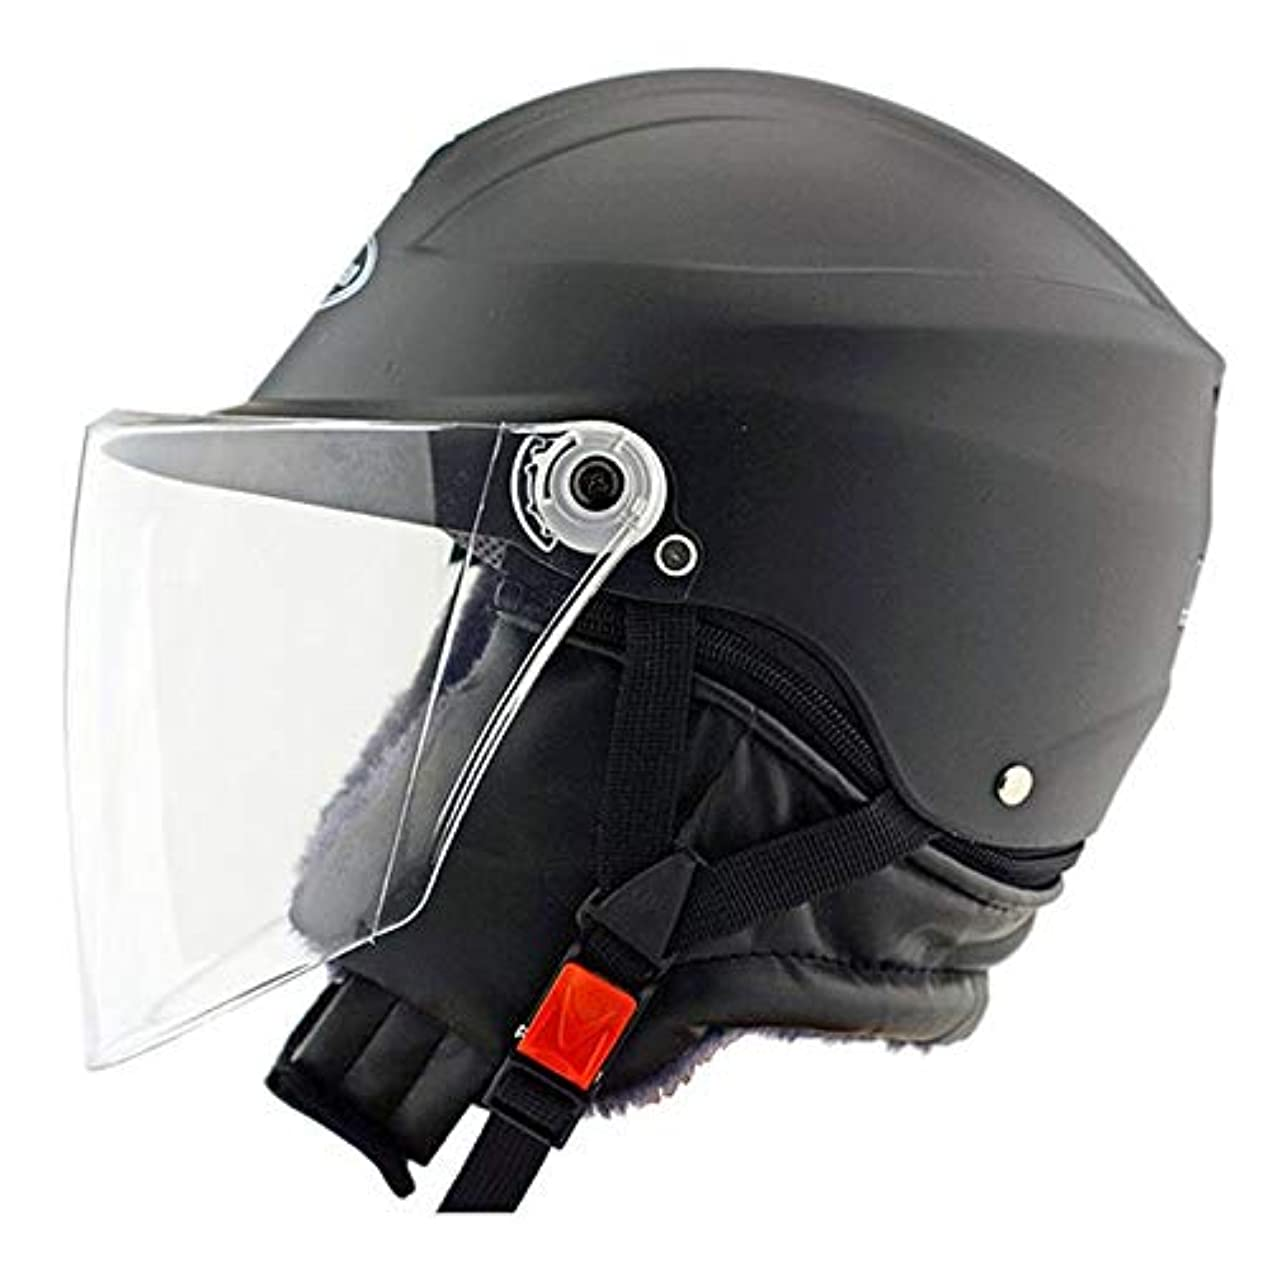 すばらしいです親指使用法バイクオートバイヘルメットサンバイザーは、大人のための男女兼用冬のフリップ,Black